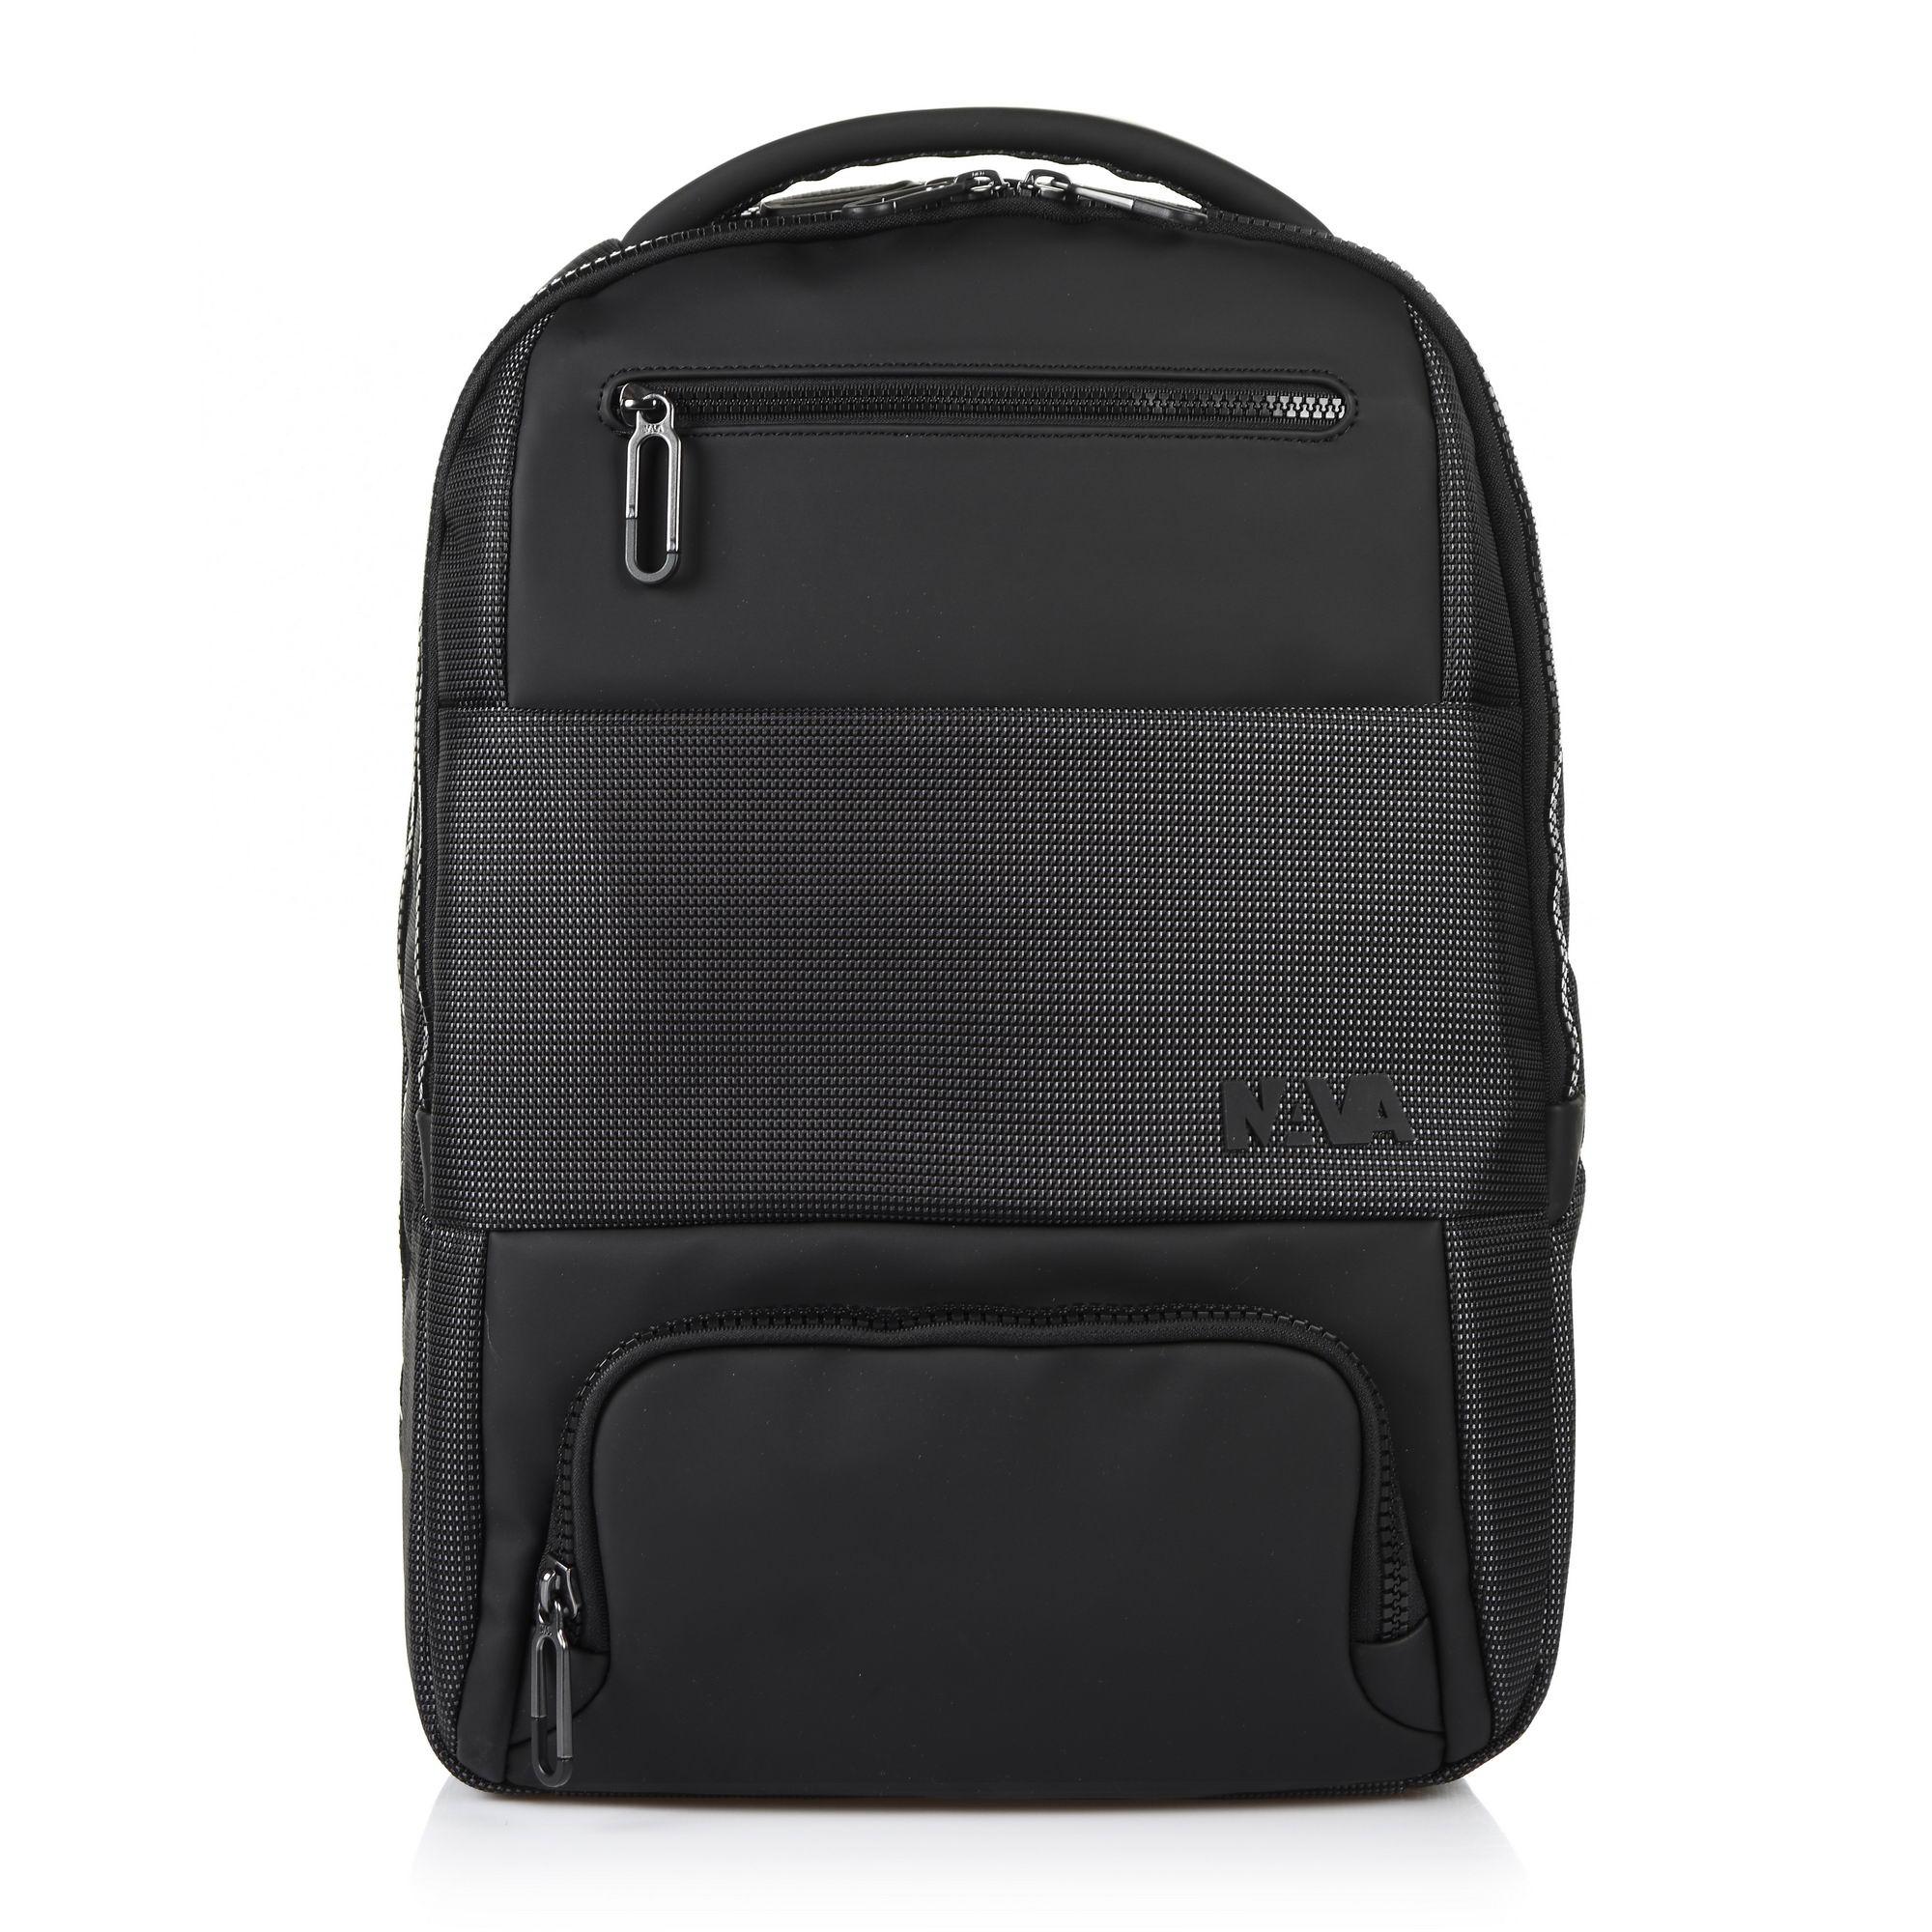 Σακίδιο Πλάτης Nava Gate Backpack GT070 ανδρας   σακίδιο πλάτης